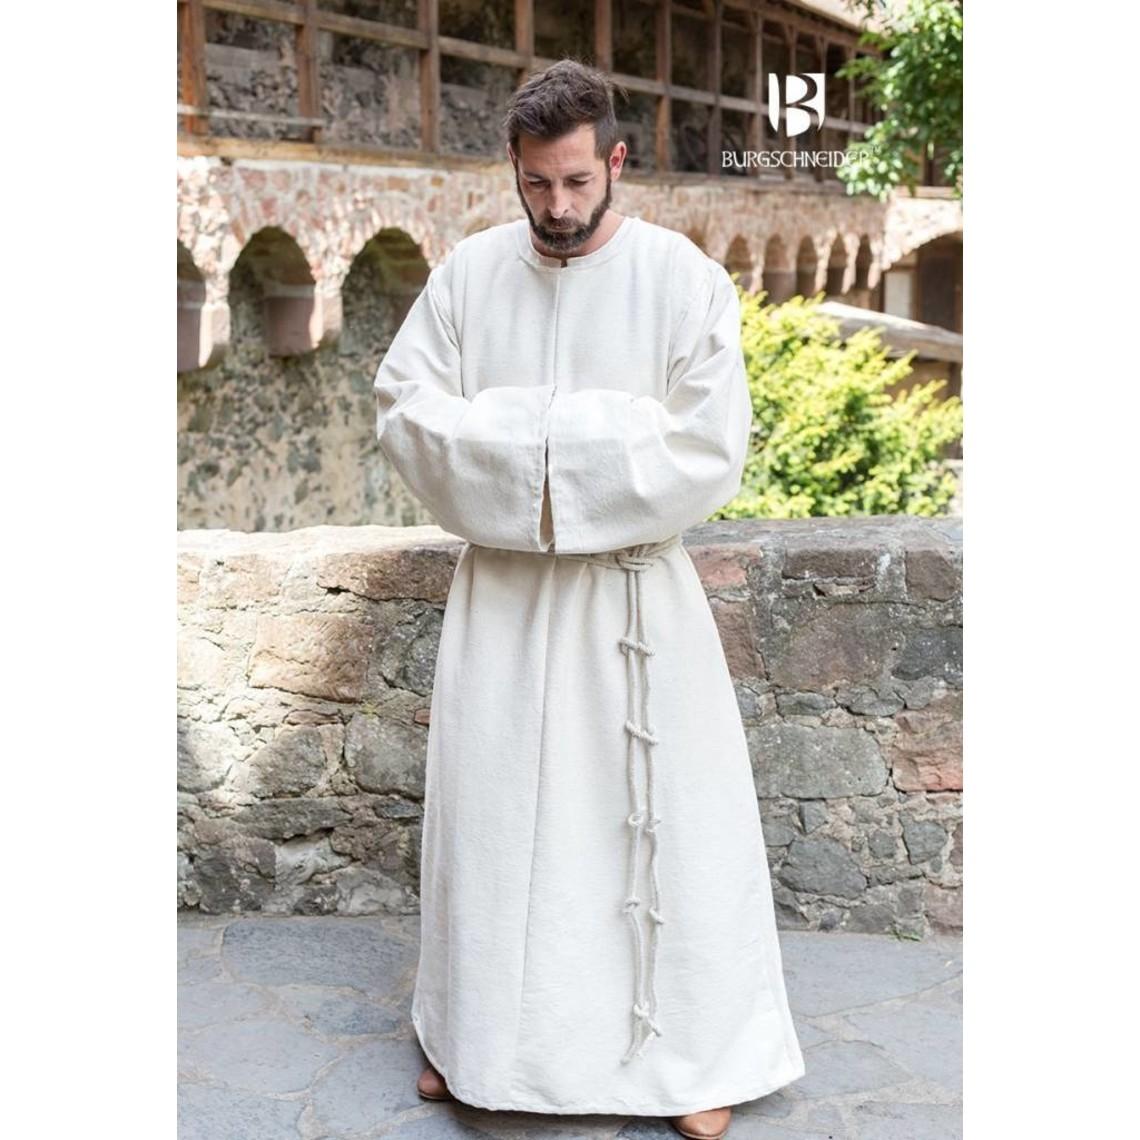 Burgschneider hábito cisterciense